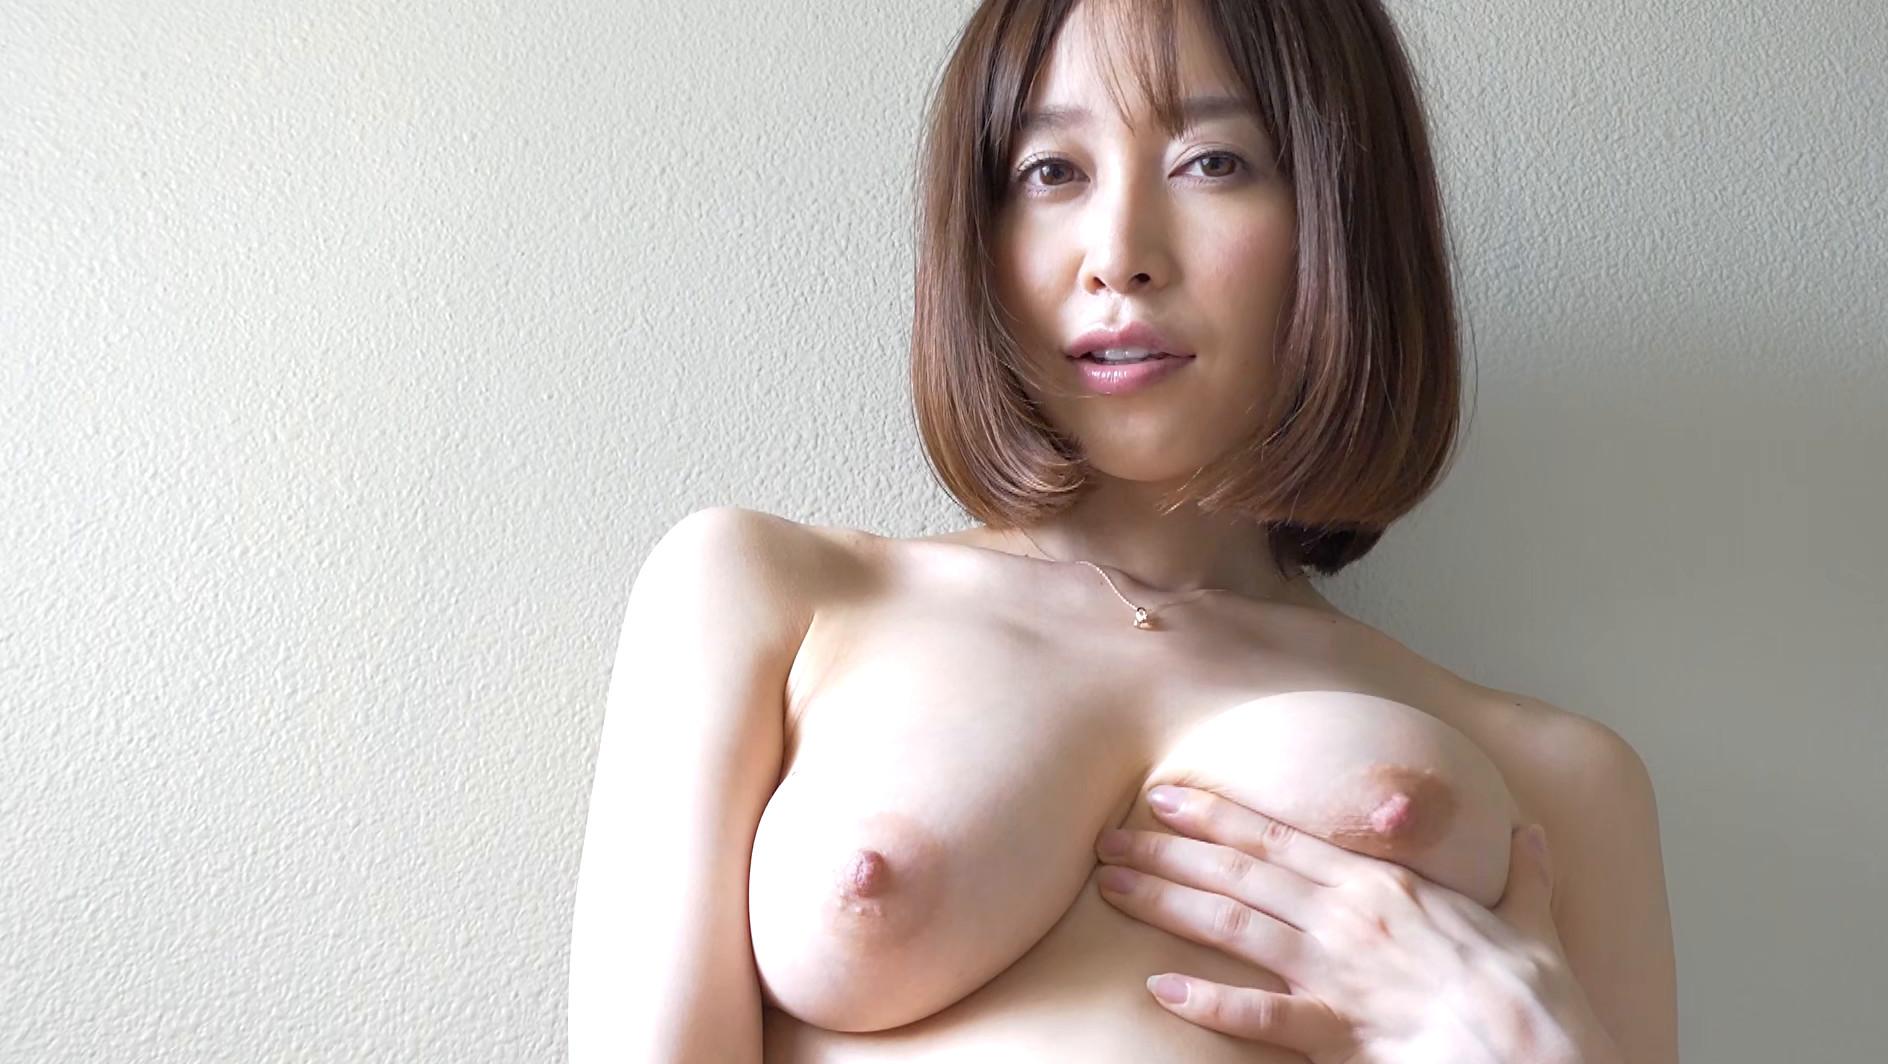 ヘアーヌード~無修正・美巨乳Fカップ・美尻・セクシー女優~ 篠田ゆう 画像3